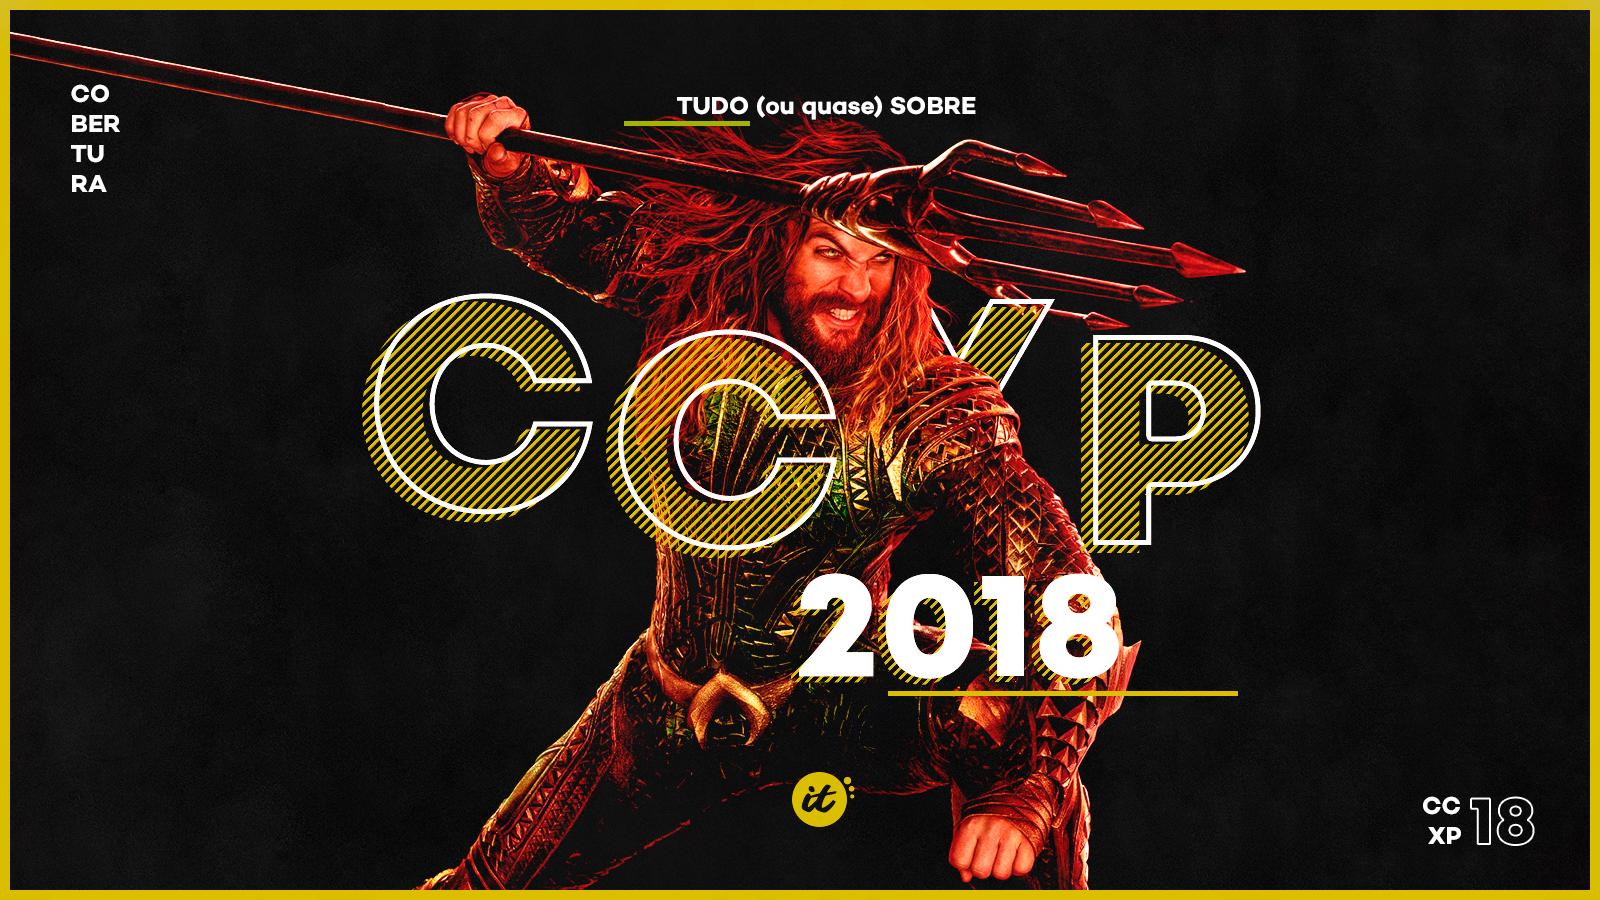 Meu deus, falta SÓ uma semana para a CCXP 2018! Ou quase isso.